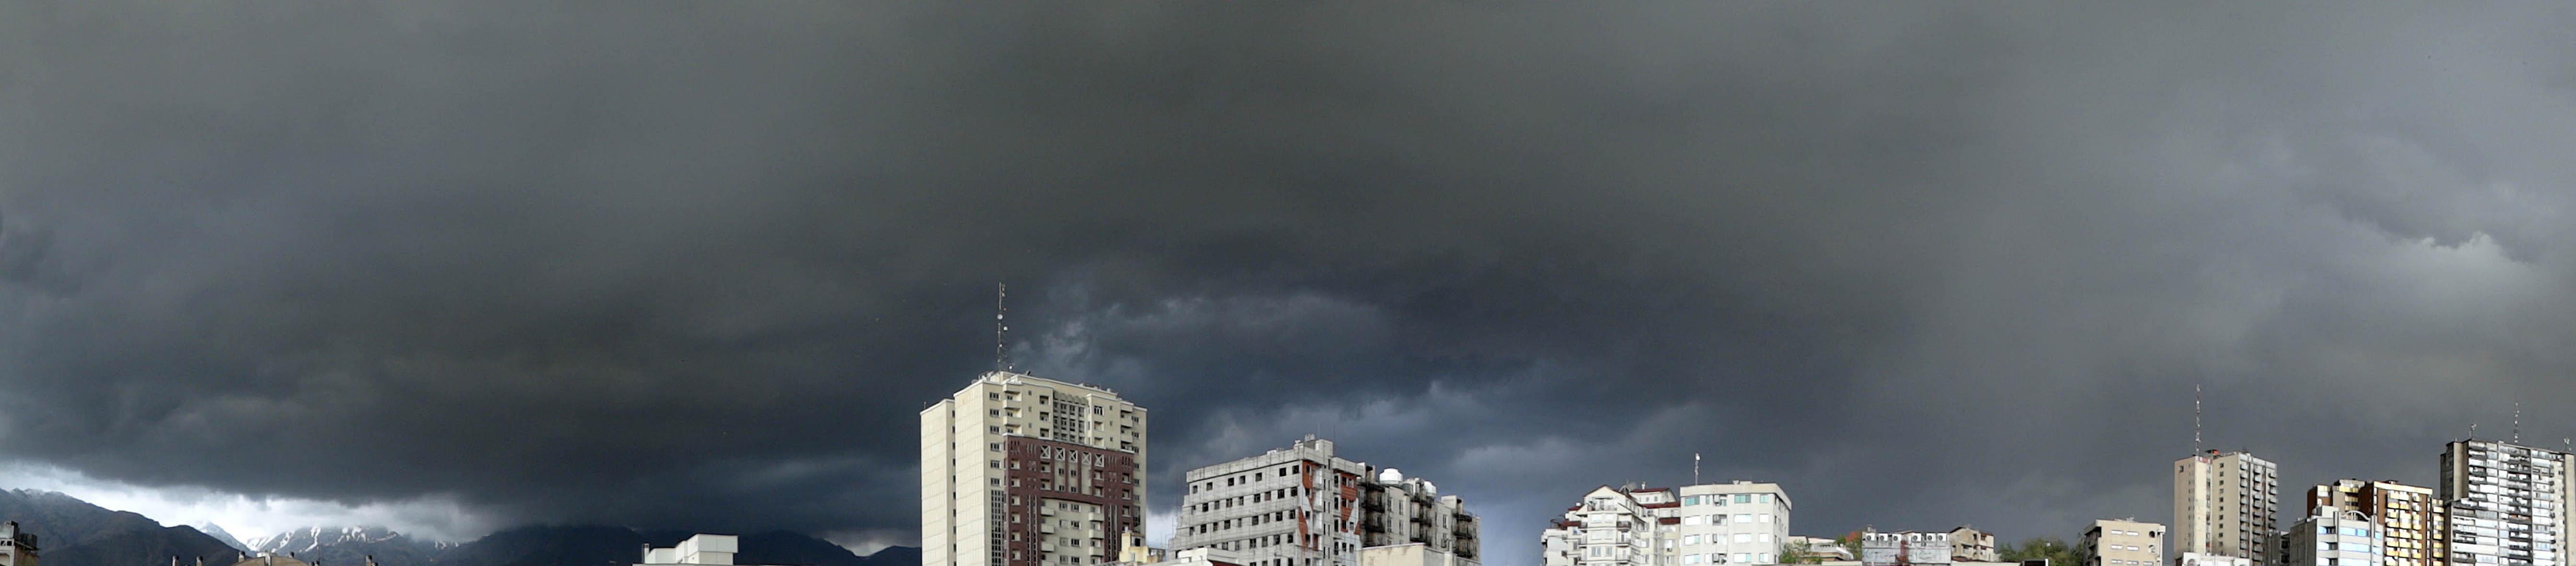 عکاسی مناظر-شماره 8- تهران